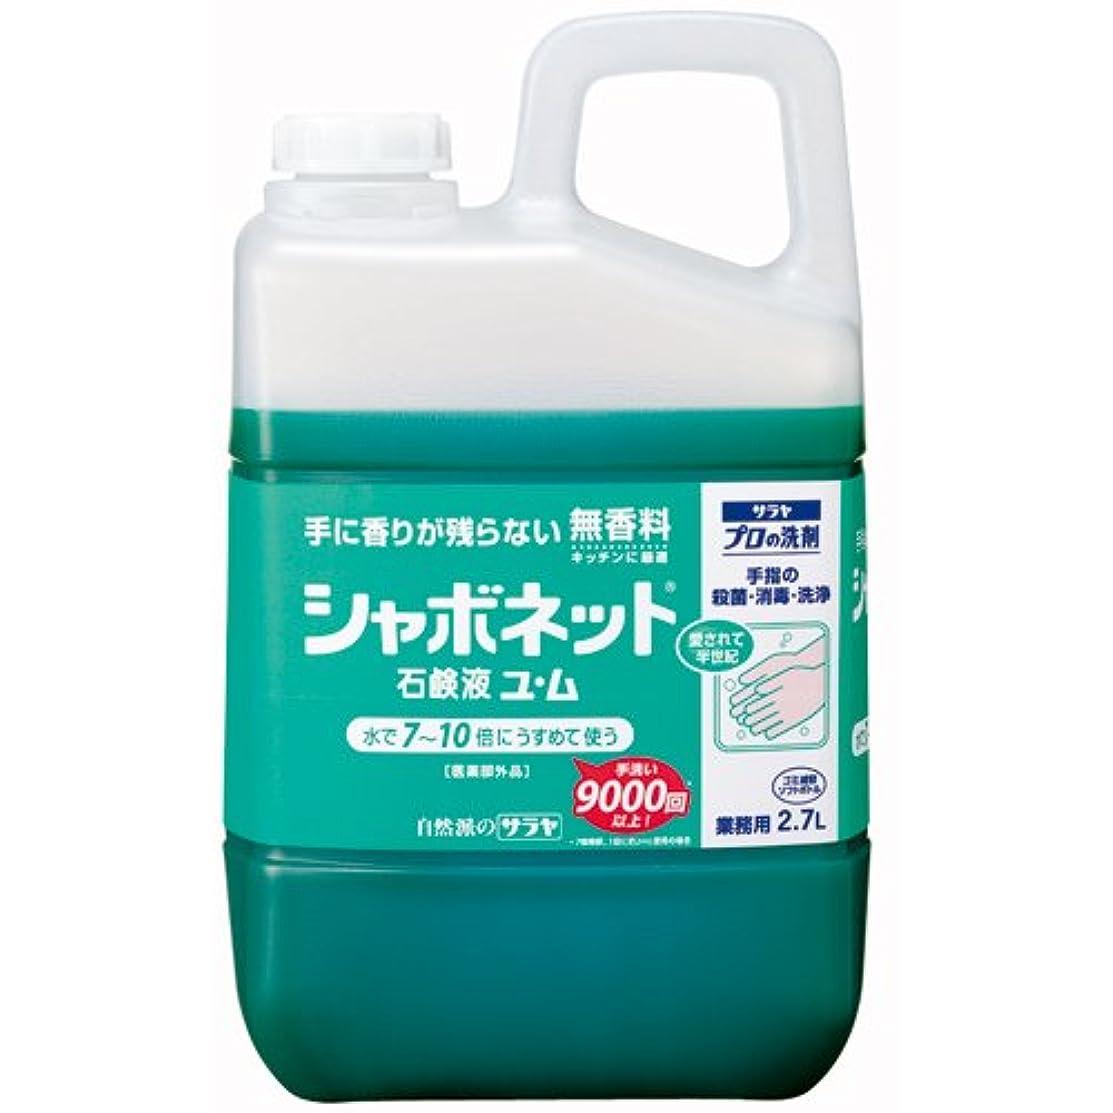 情緒的貫入ピックサラヤ シャボネット石鹸液 ユ?ム 無香料 業務用 2.7L